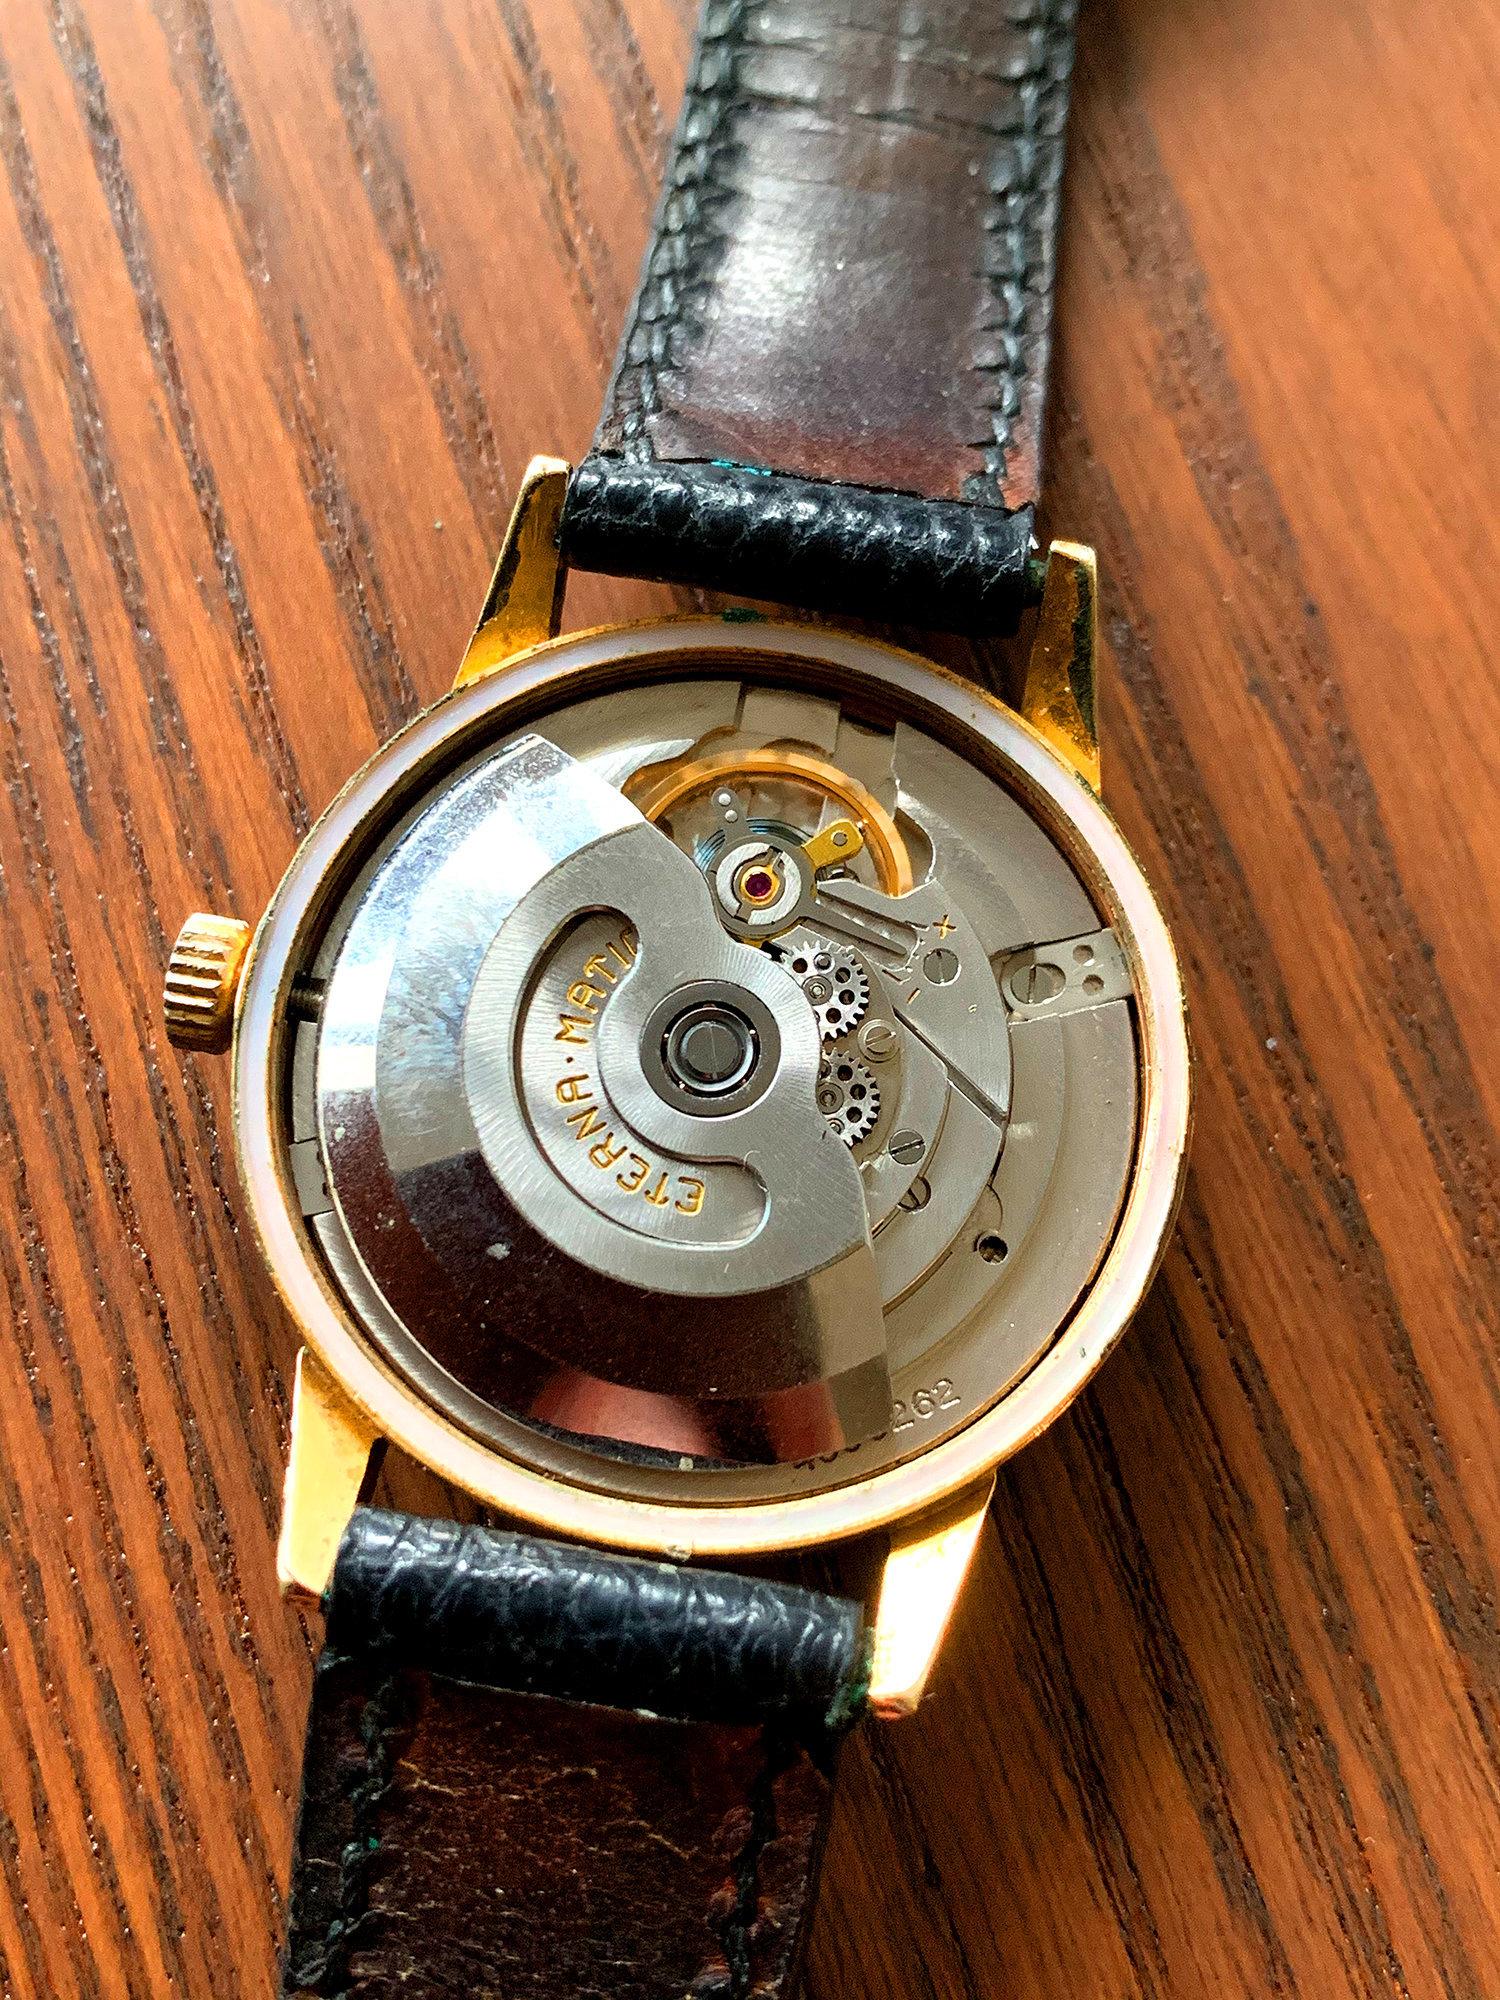 Eterna -  [Postez ICI les demandes d'IDENTIFICATION et RENSEIGNEMENTS de vos montres] - Page 35 1579962495-2